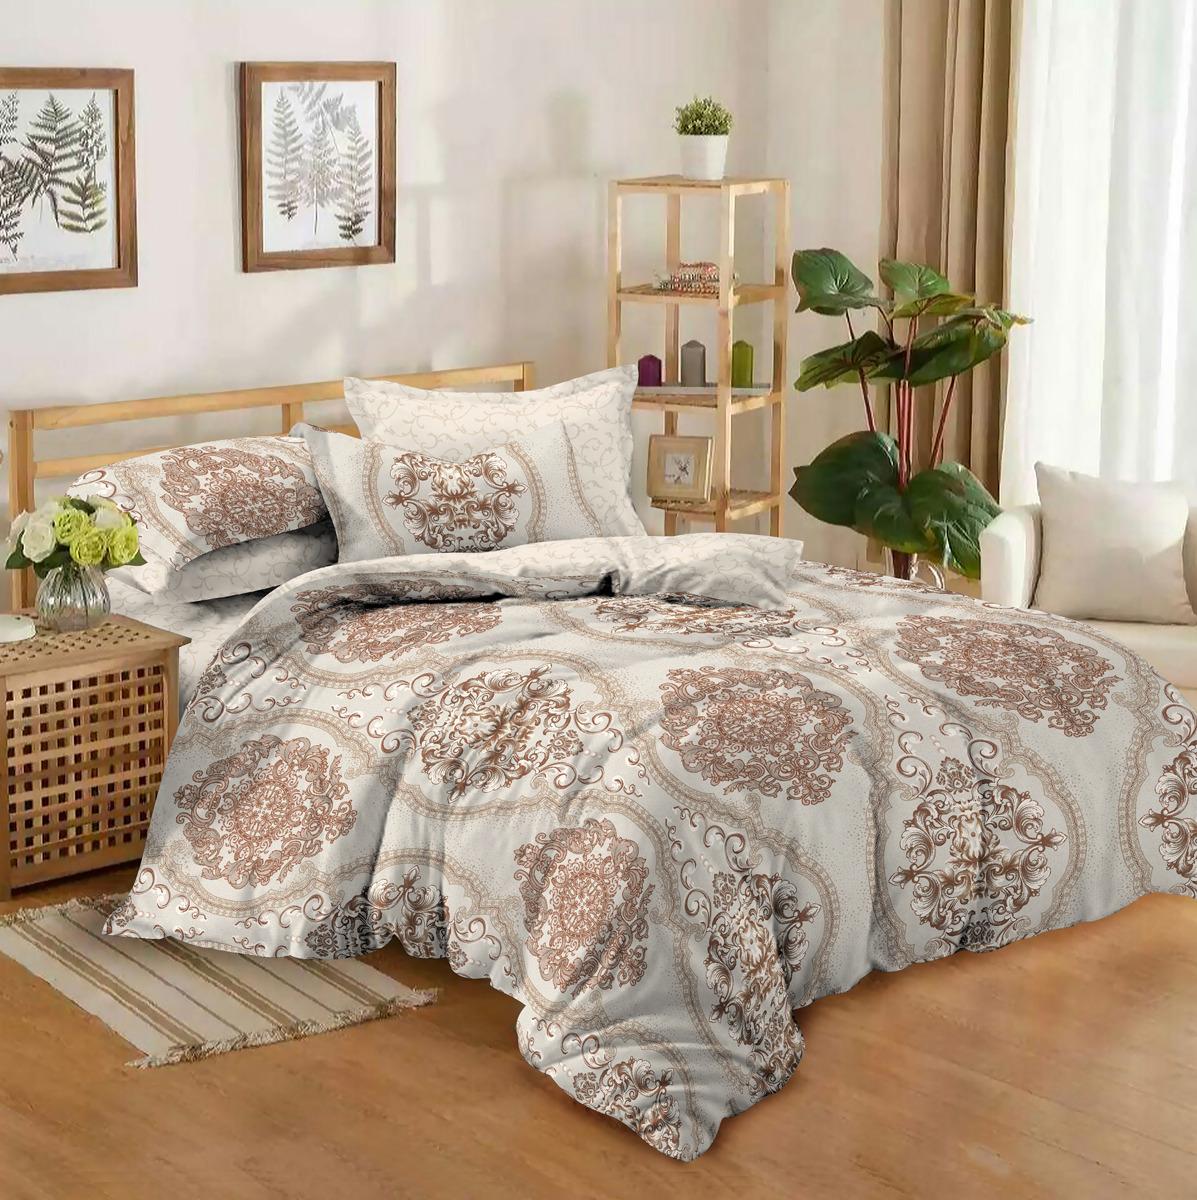 Комплект постельного белья Amore Mio Gold Melissa, 2-спальный, наволочки 70x70